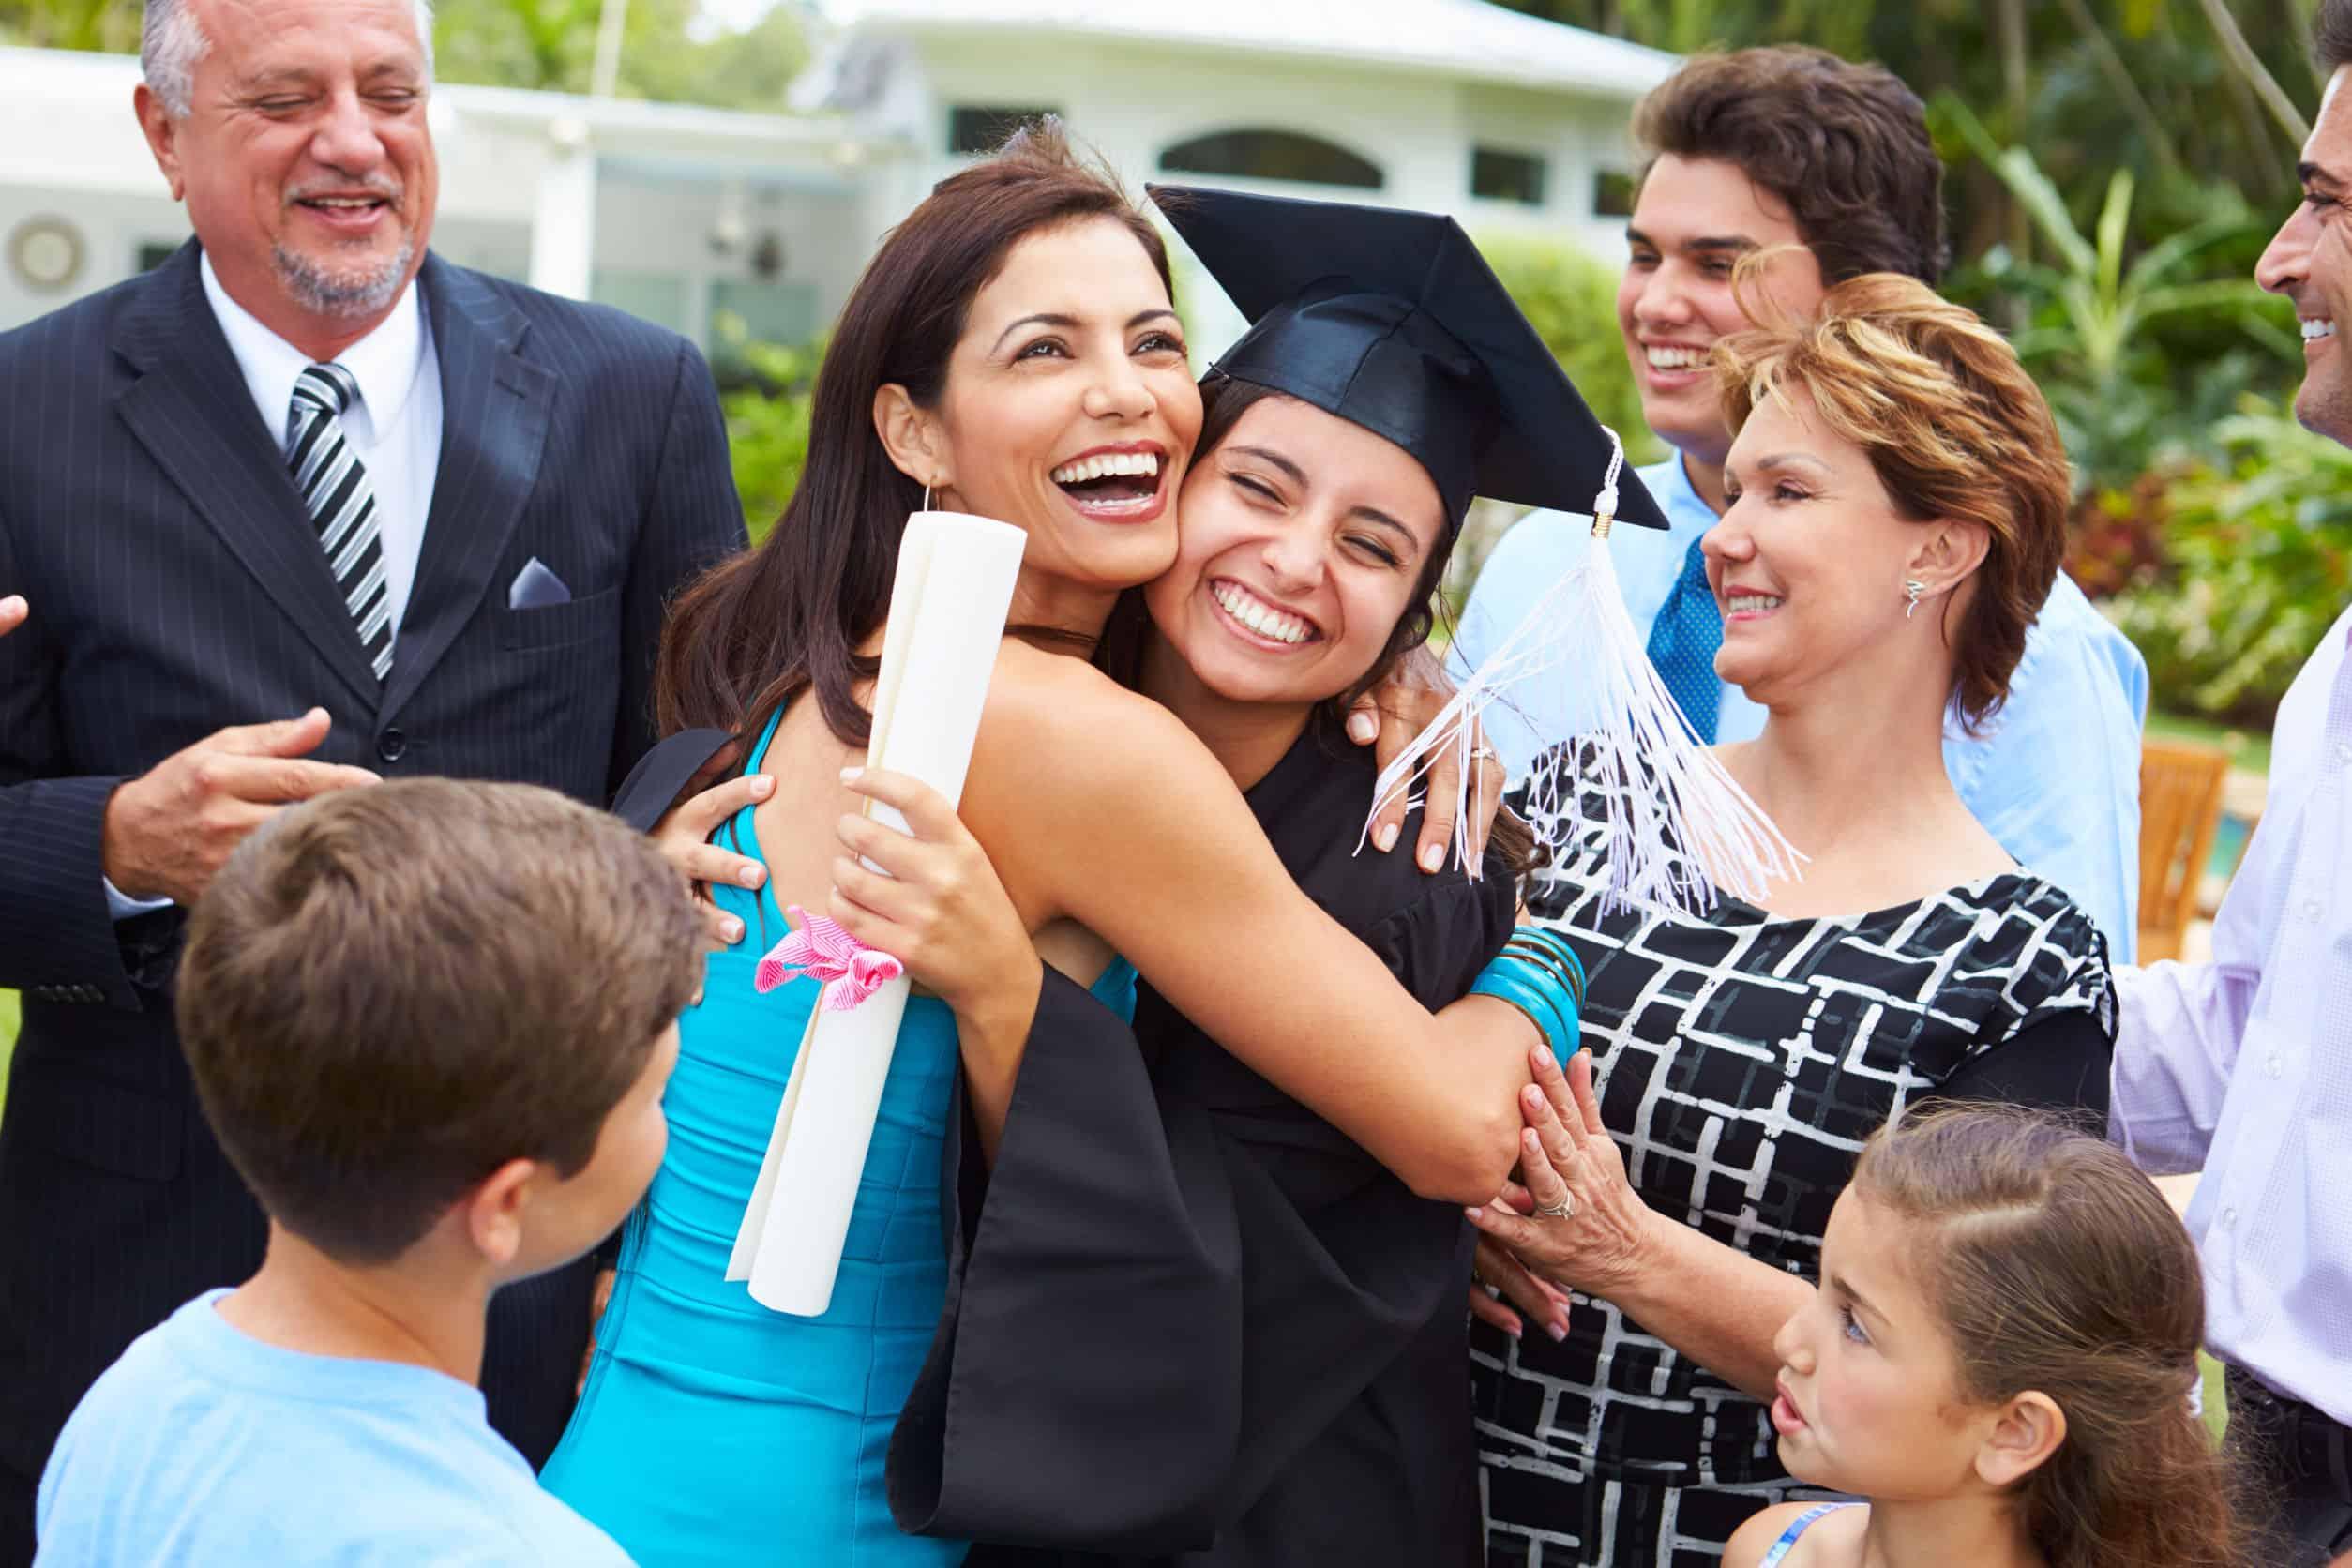 Na foto algumas pessoas ao redor de uma mulher abraçando uma formanda.